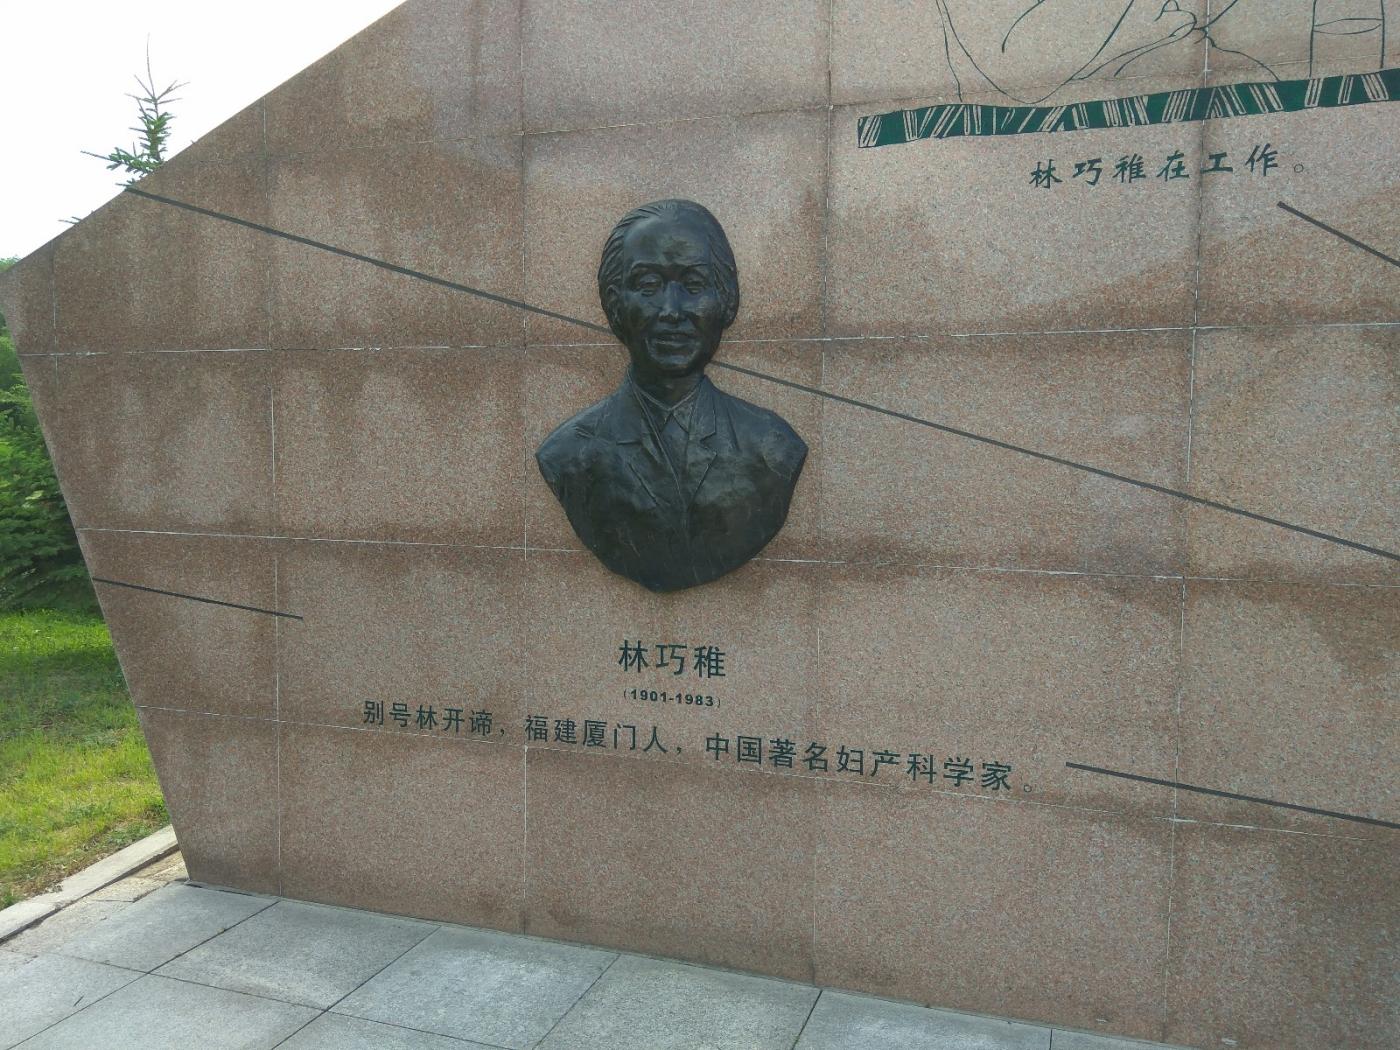 群雕:中外医学大师(图)_图1-15